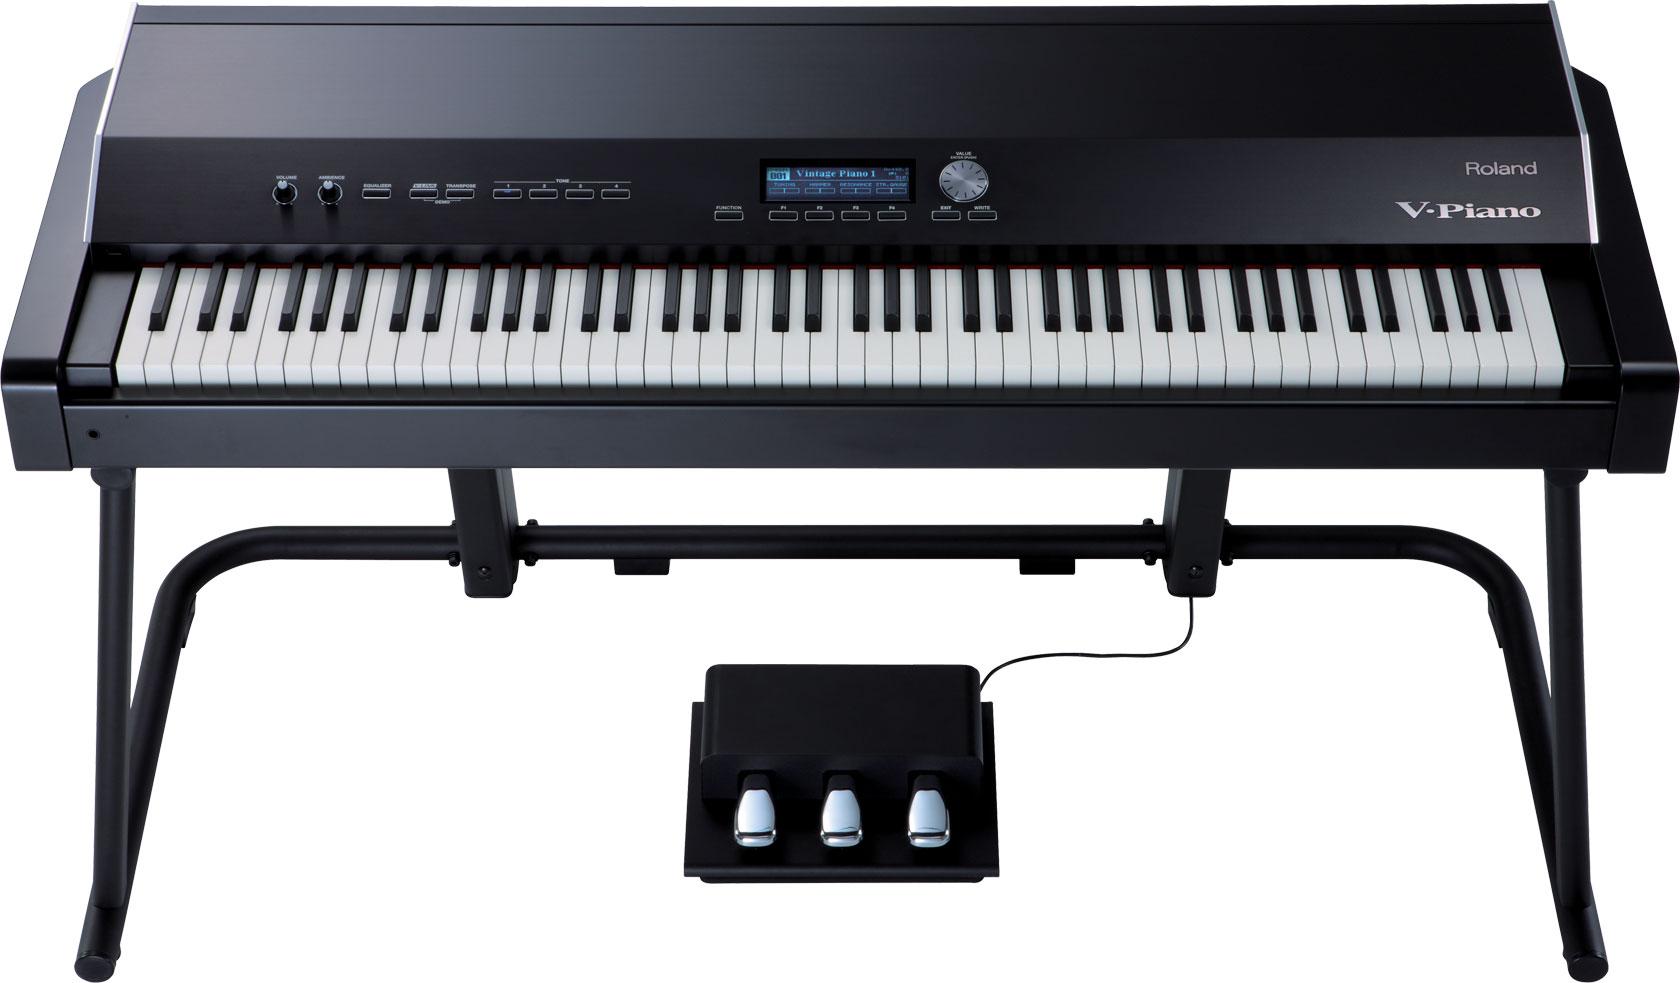 V-Piano Piano